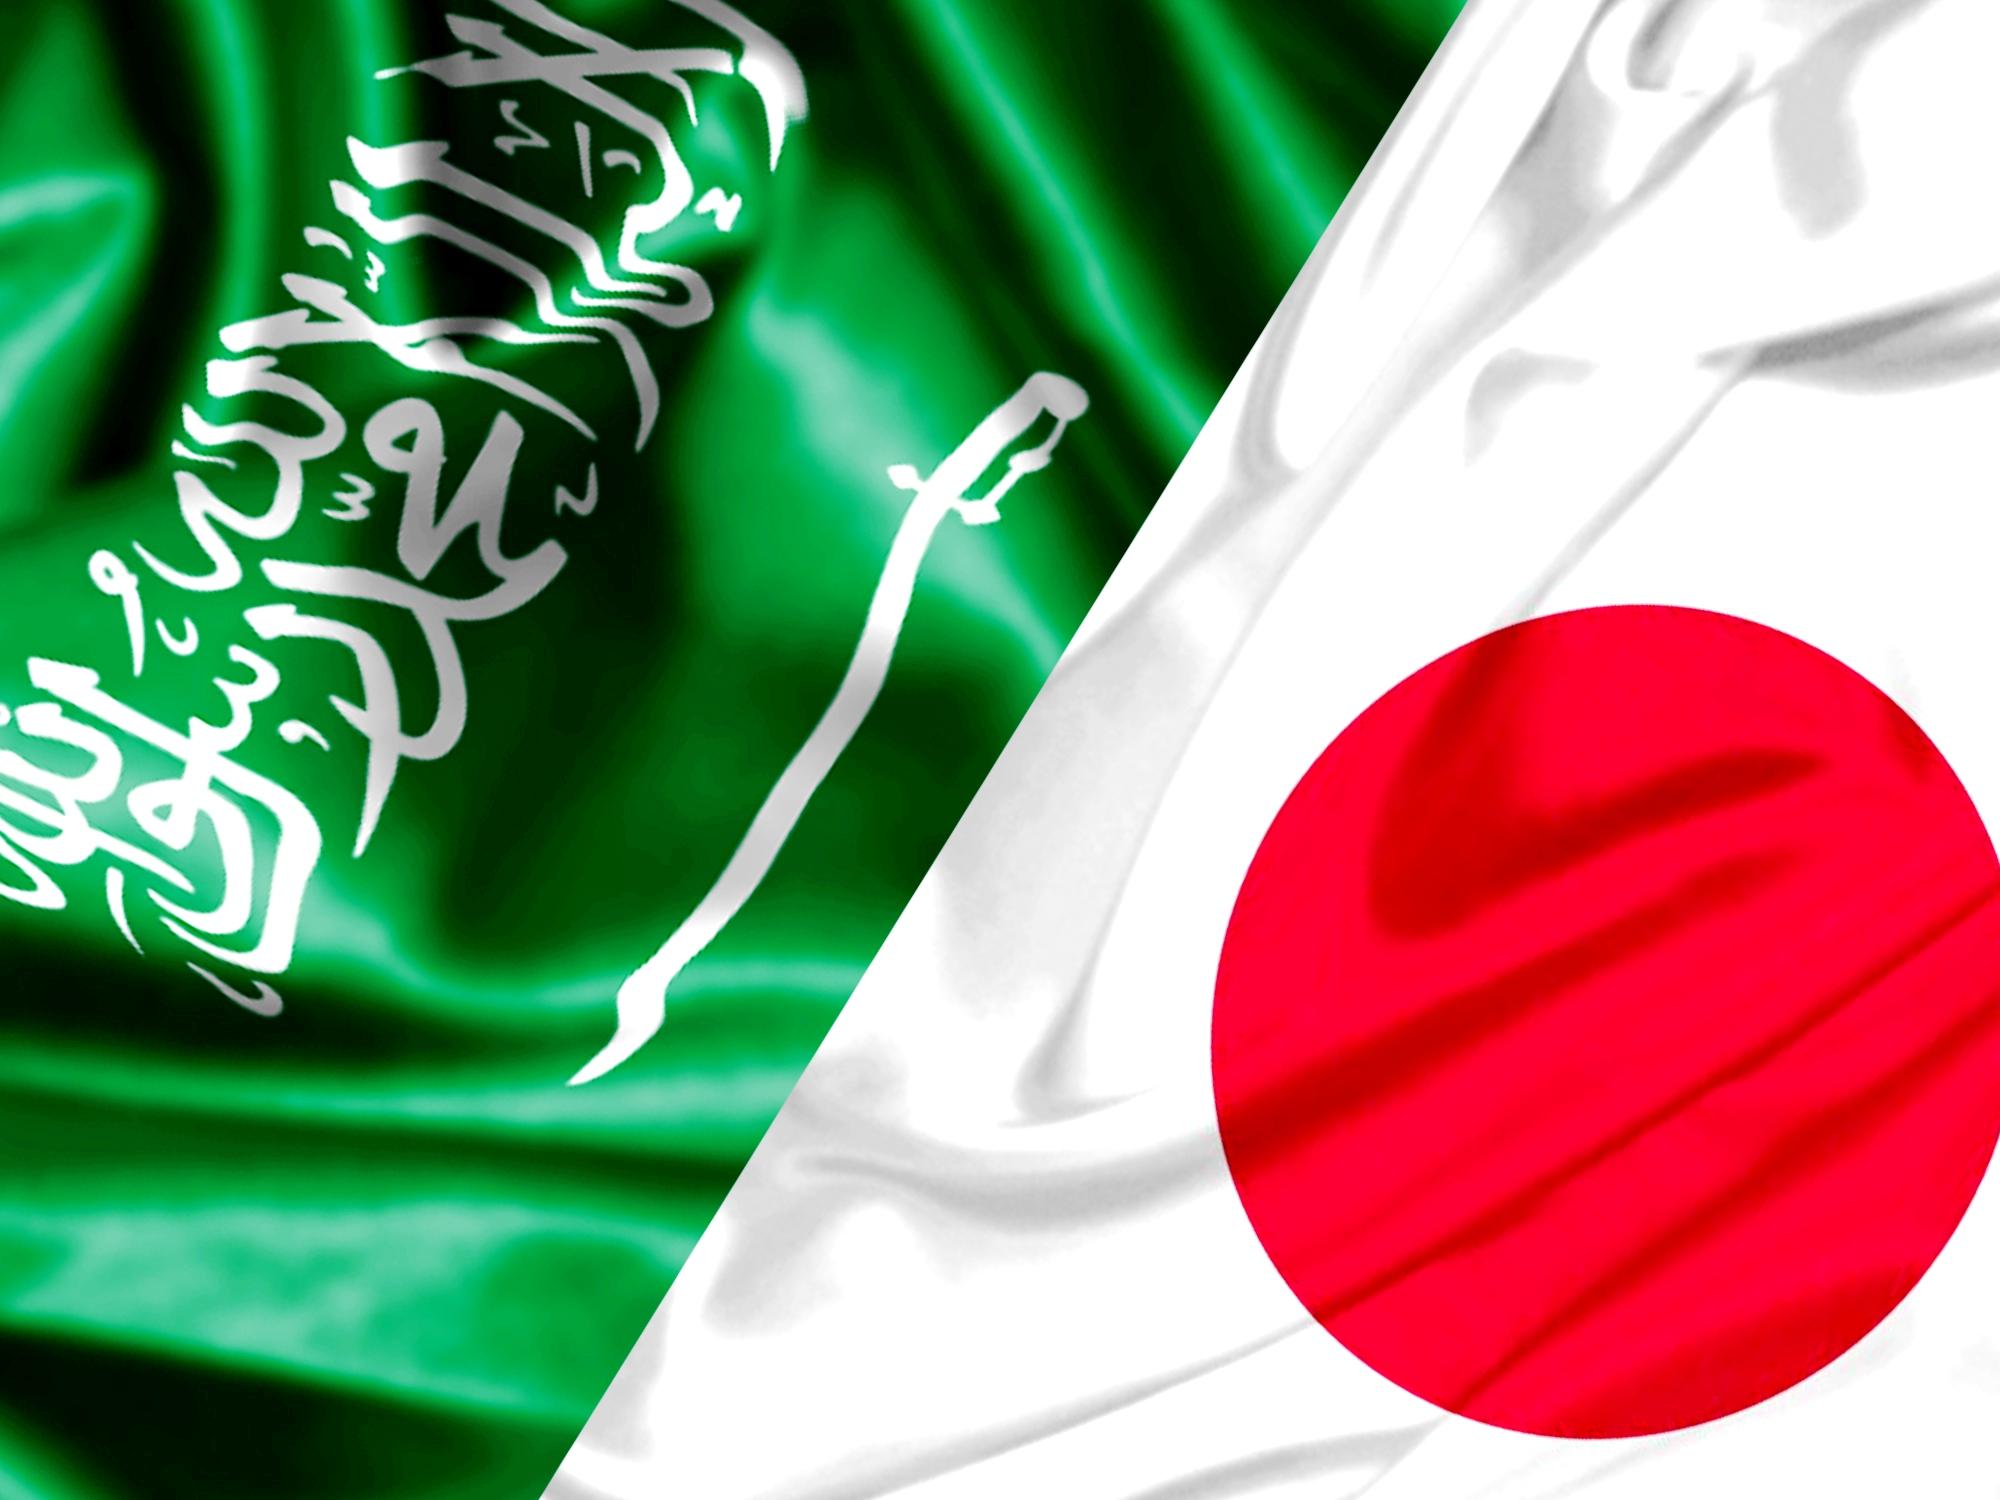 تفاصيل: المملكة واليابان توقعان اتفاقية في مجال الاتصالات وتقنية المعلومات